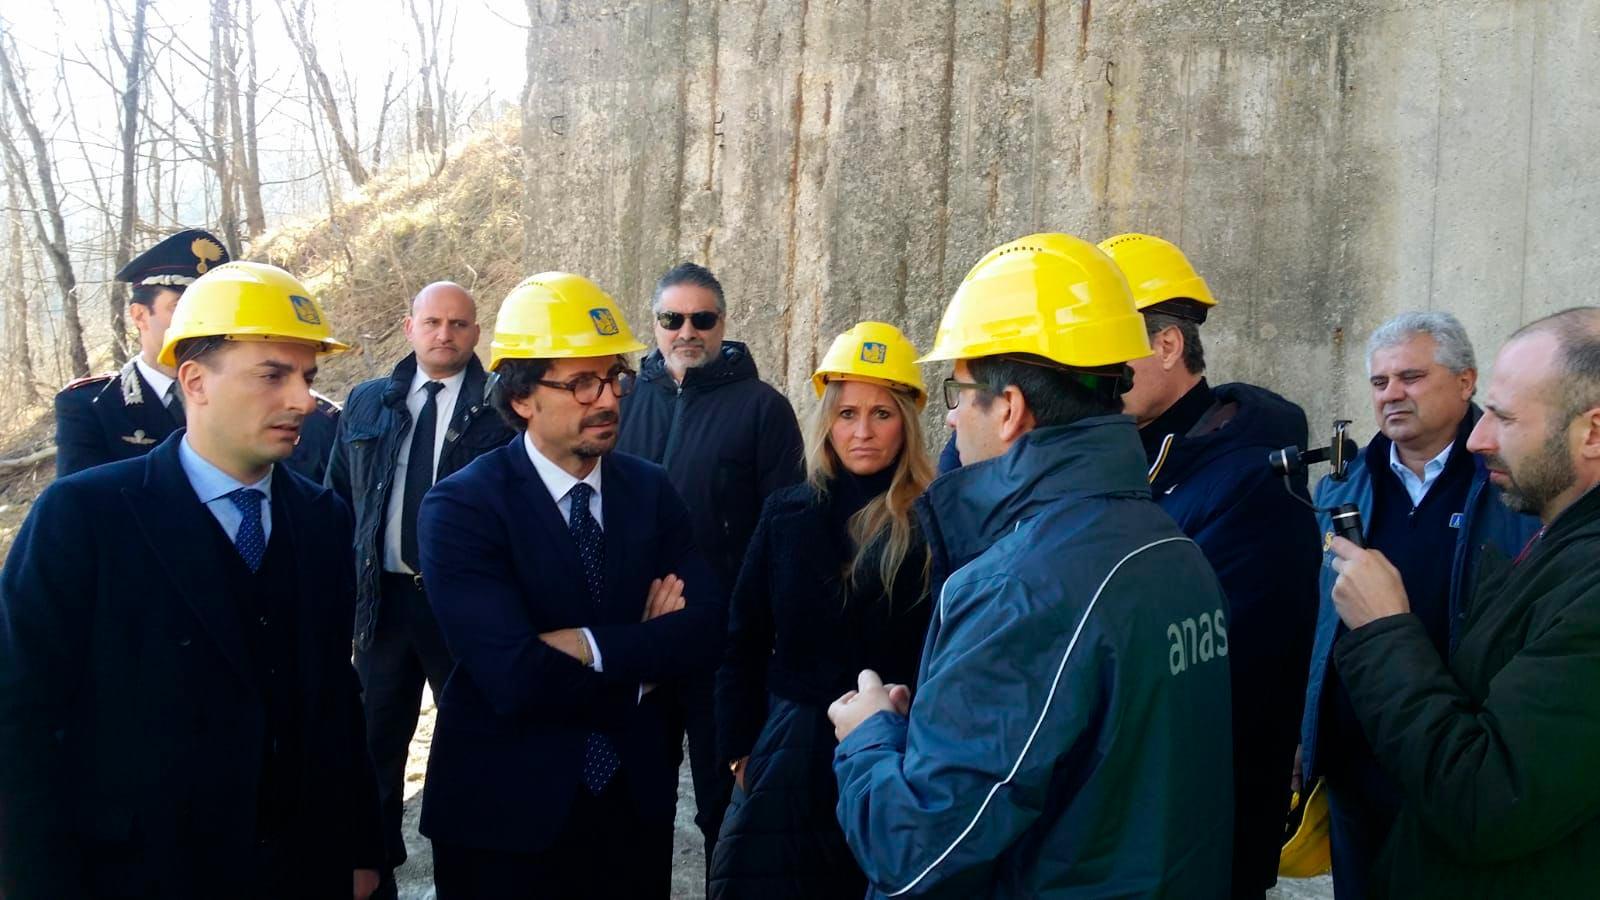 Silvia Chiassai Martini e il Ministro Danilo Toninelli sulla E45